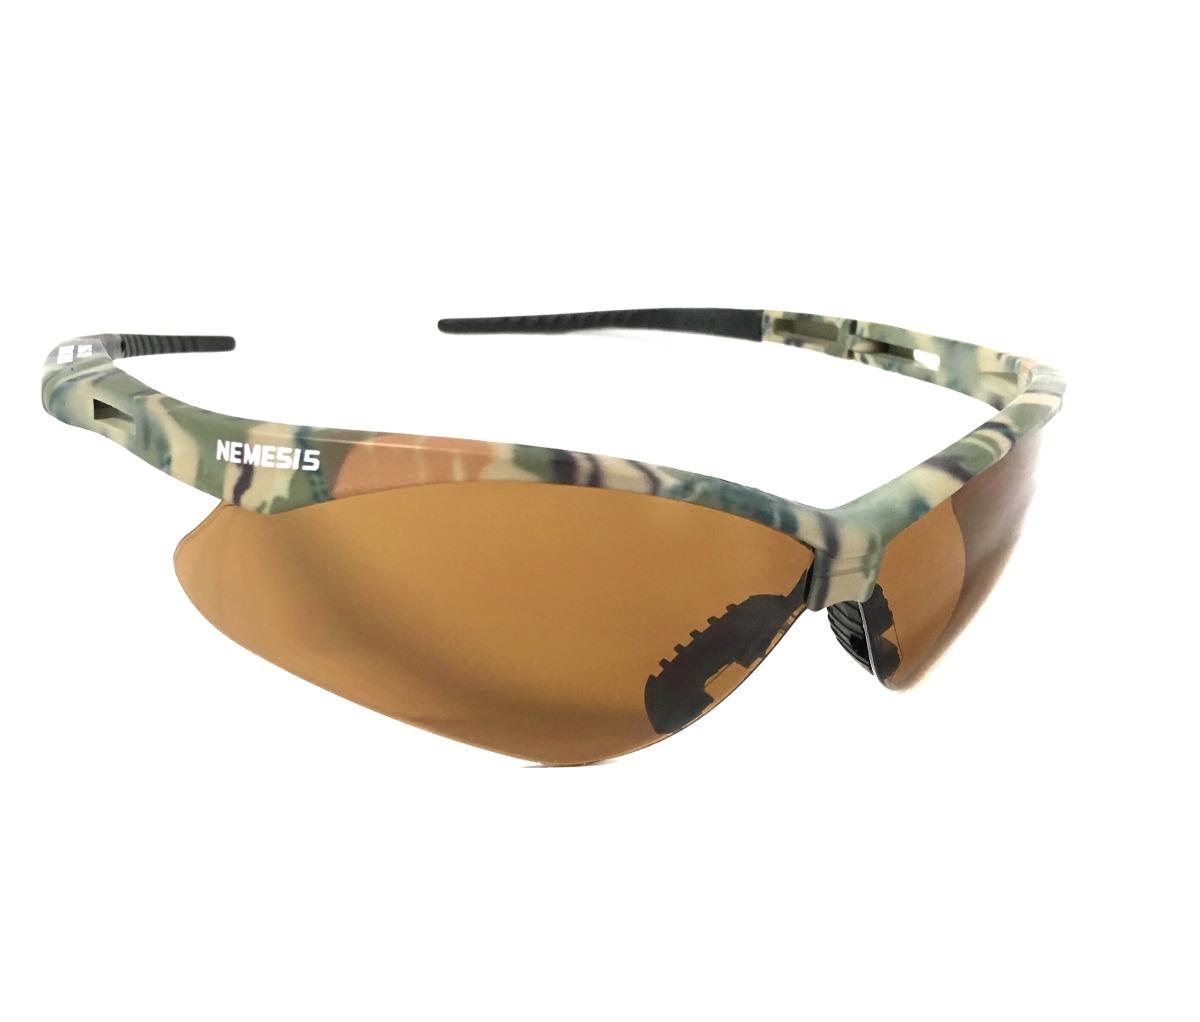 378155deb3218 kit 2 oculos delta militar para paintball airsoft balistico. Carregando zoom .